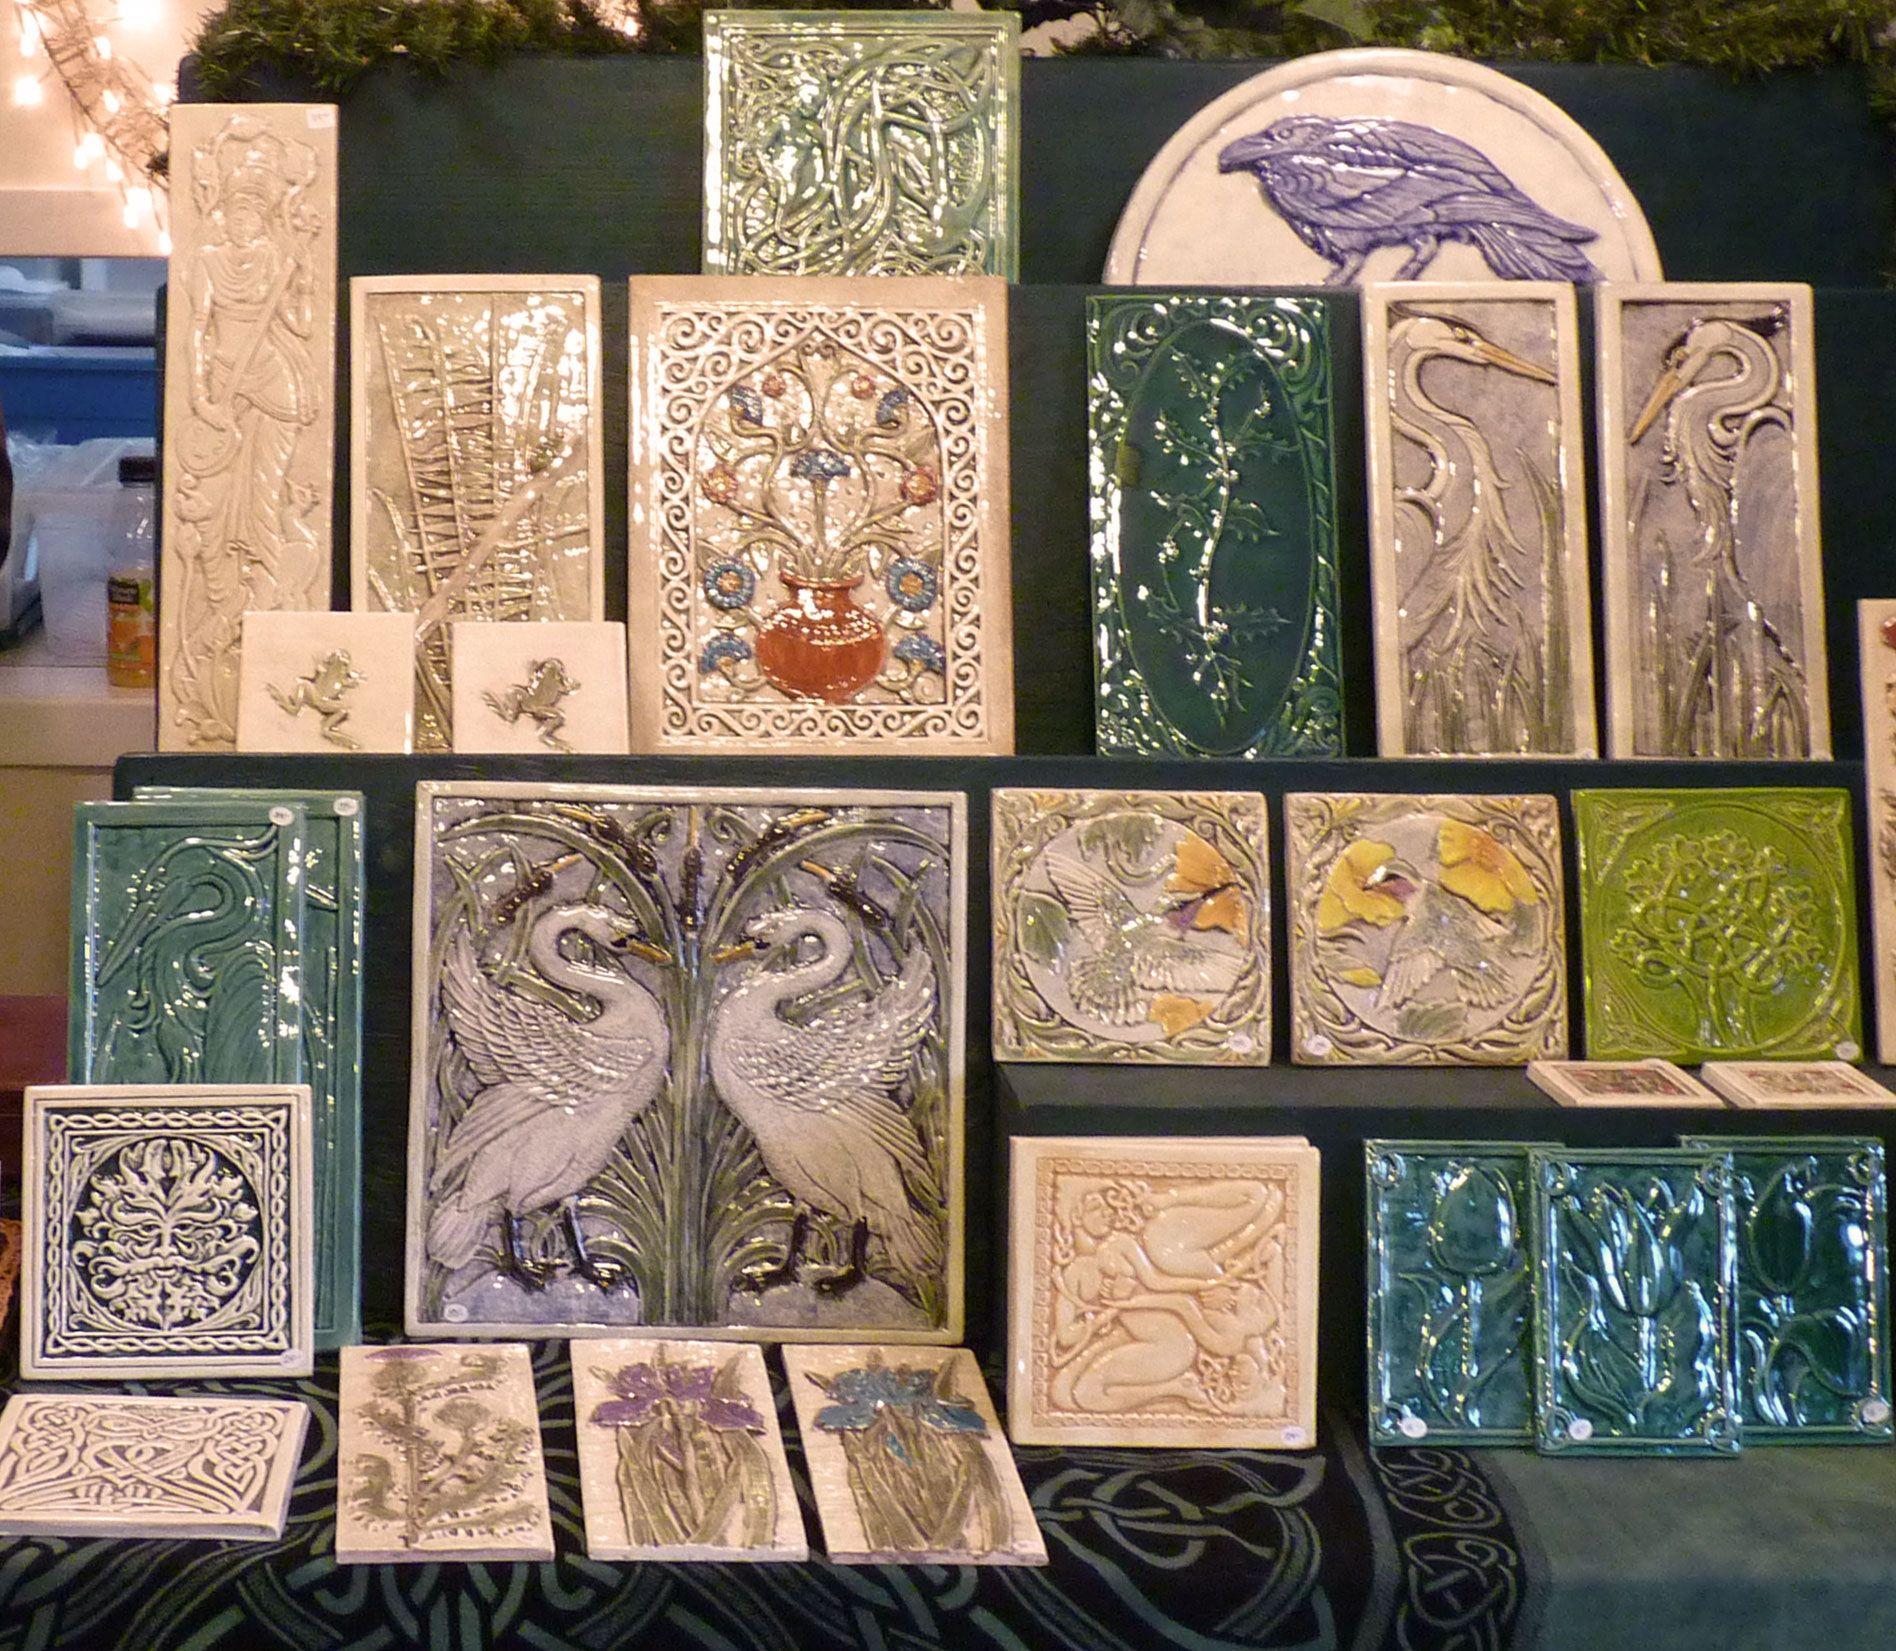 handmade ceramic tiles | Tile Inspires Me | Pinterest | Pottery ...